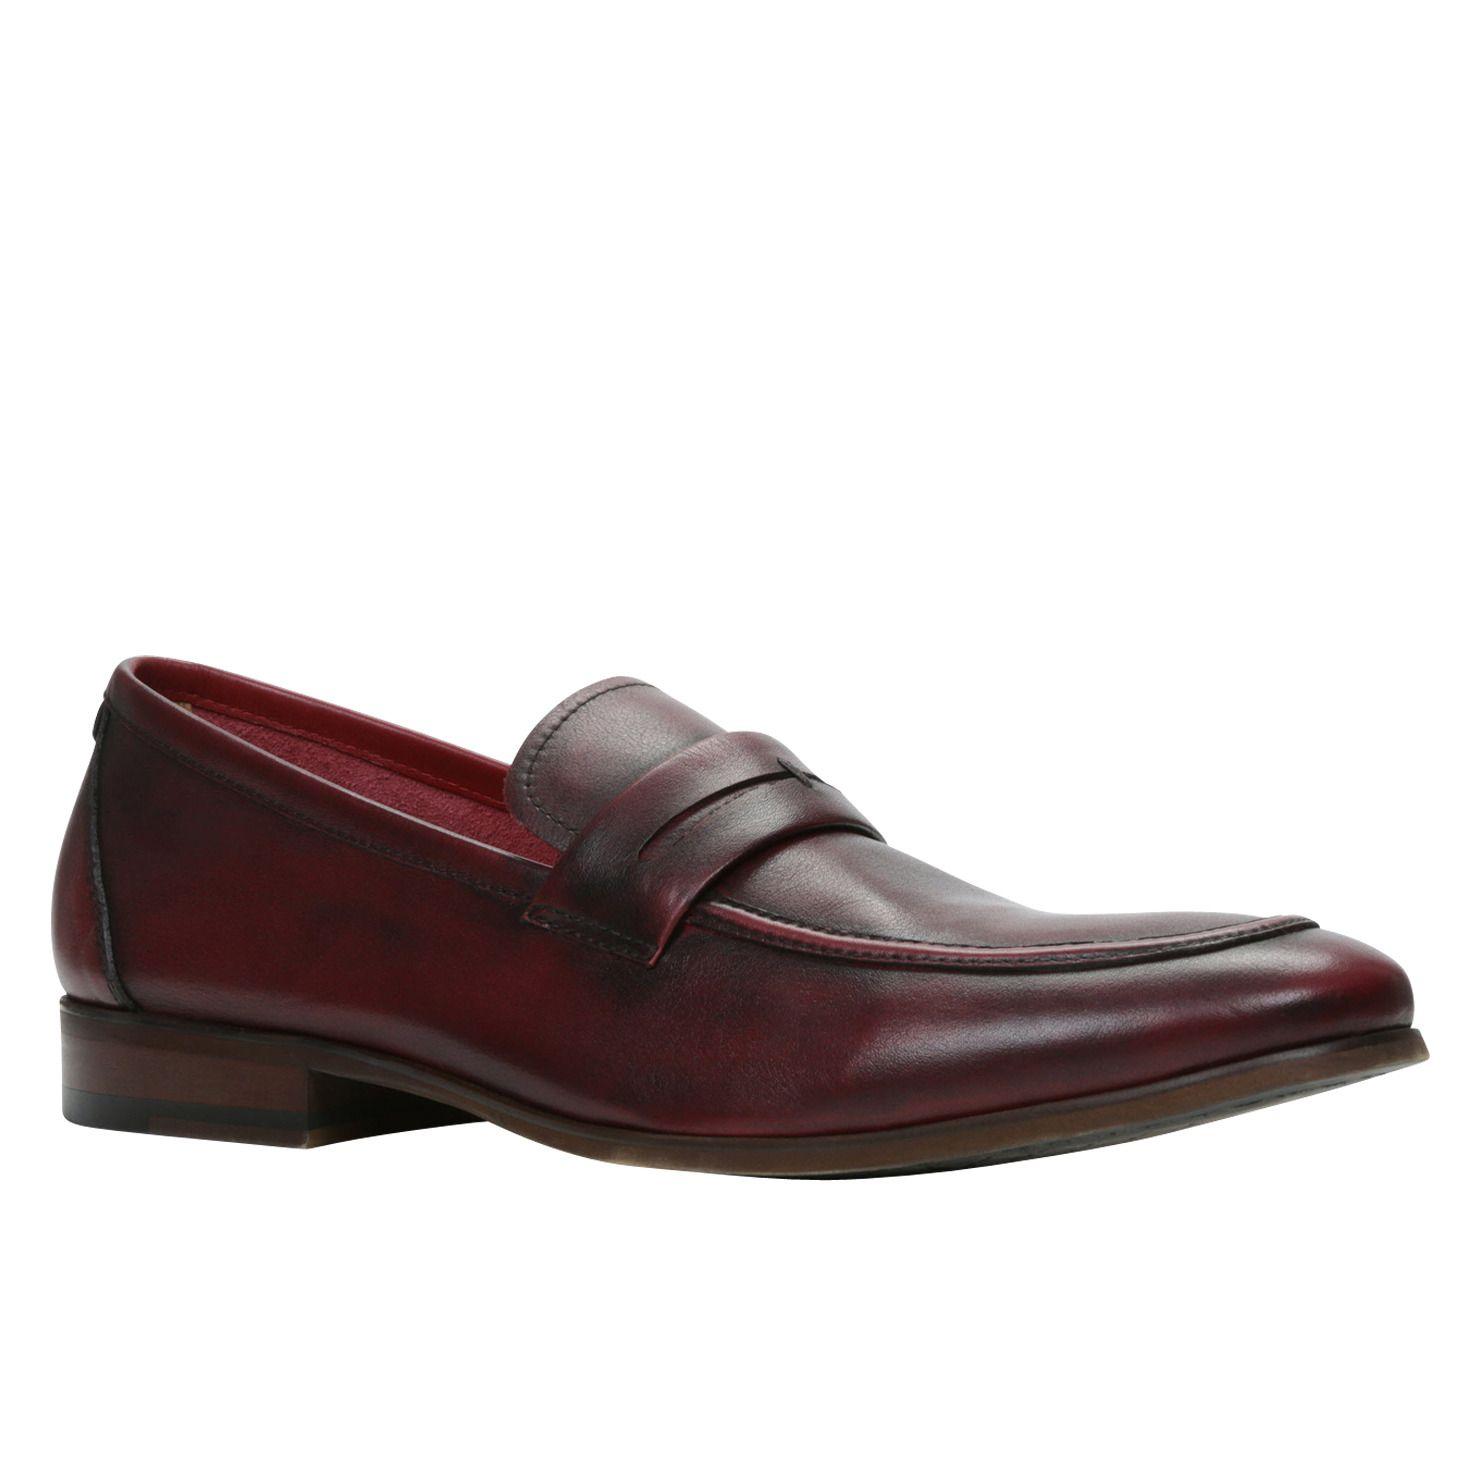 ALDO Shoes.   Mens dress loafers